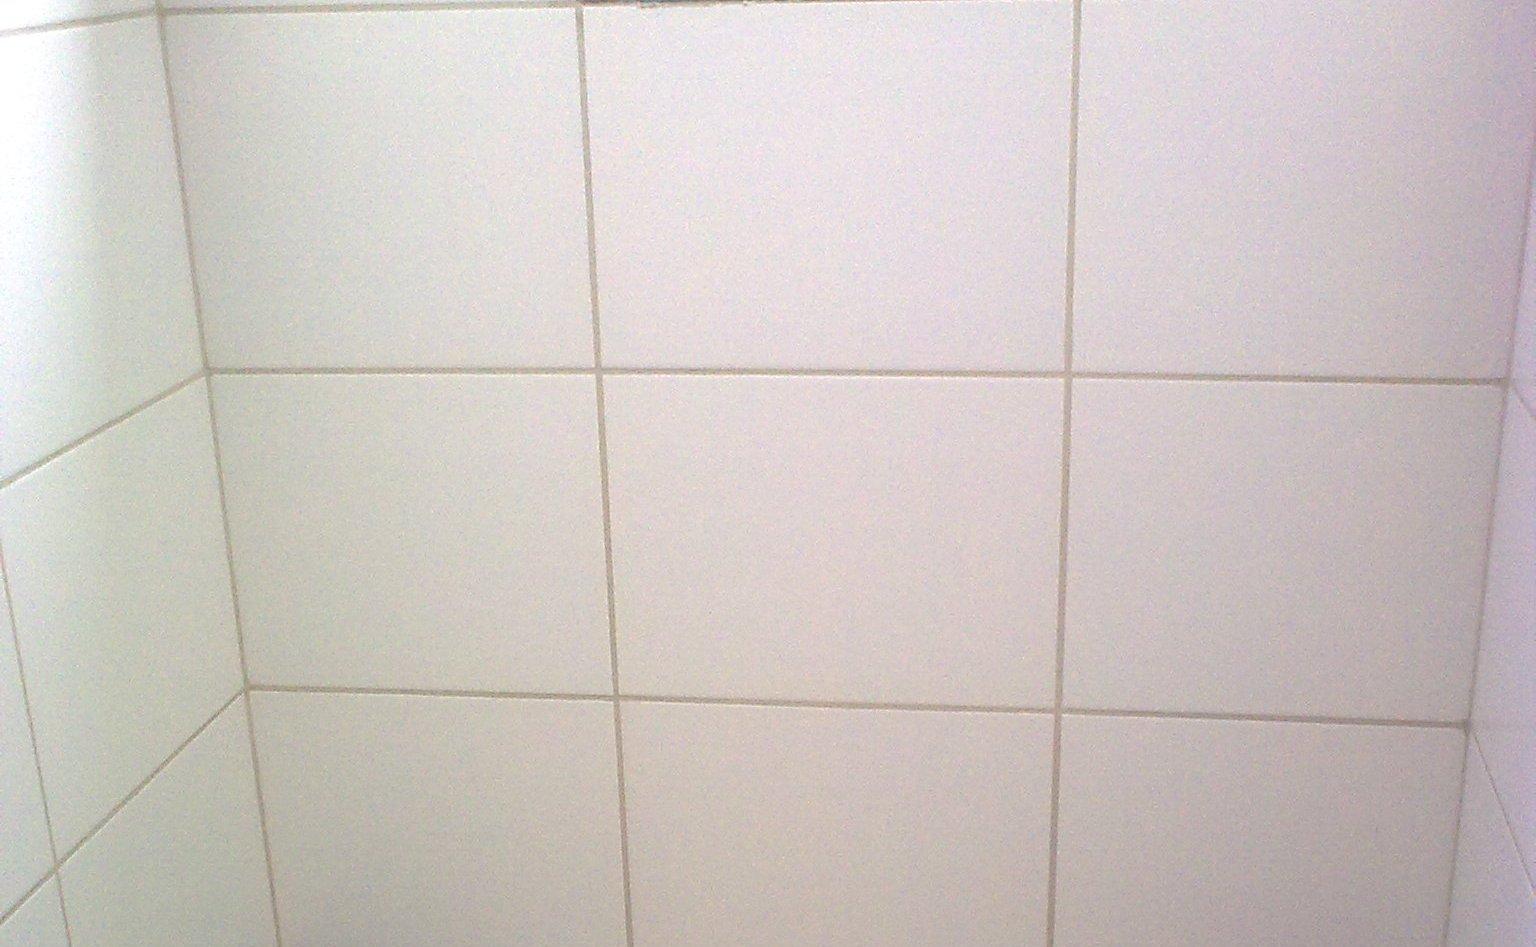 Foto do rejunte do banheiro social (tirada semana passada). Notem como  #71605A 1536x947 Banheiro Branco Com Rejunte Escuro